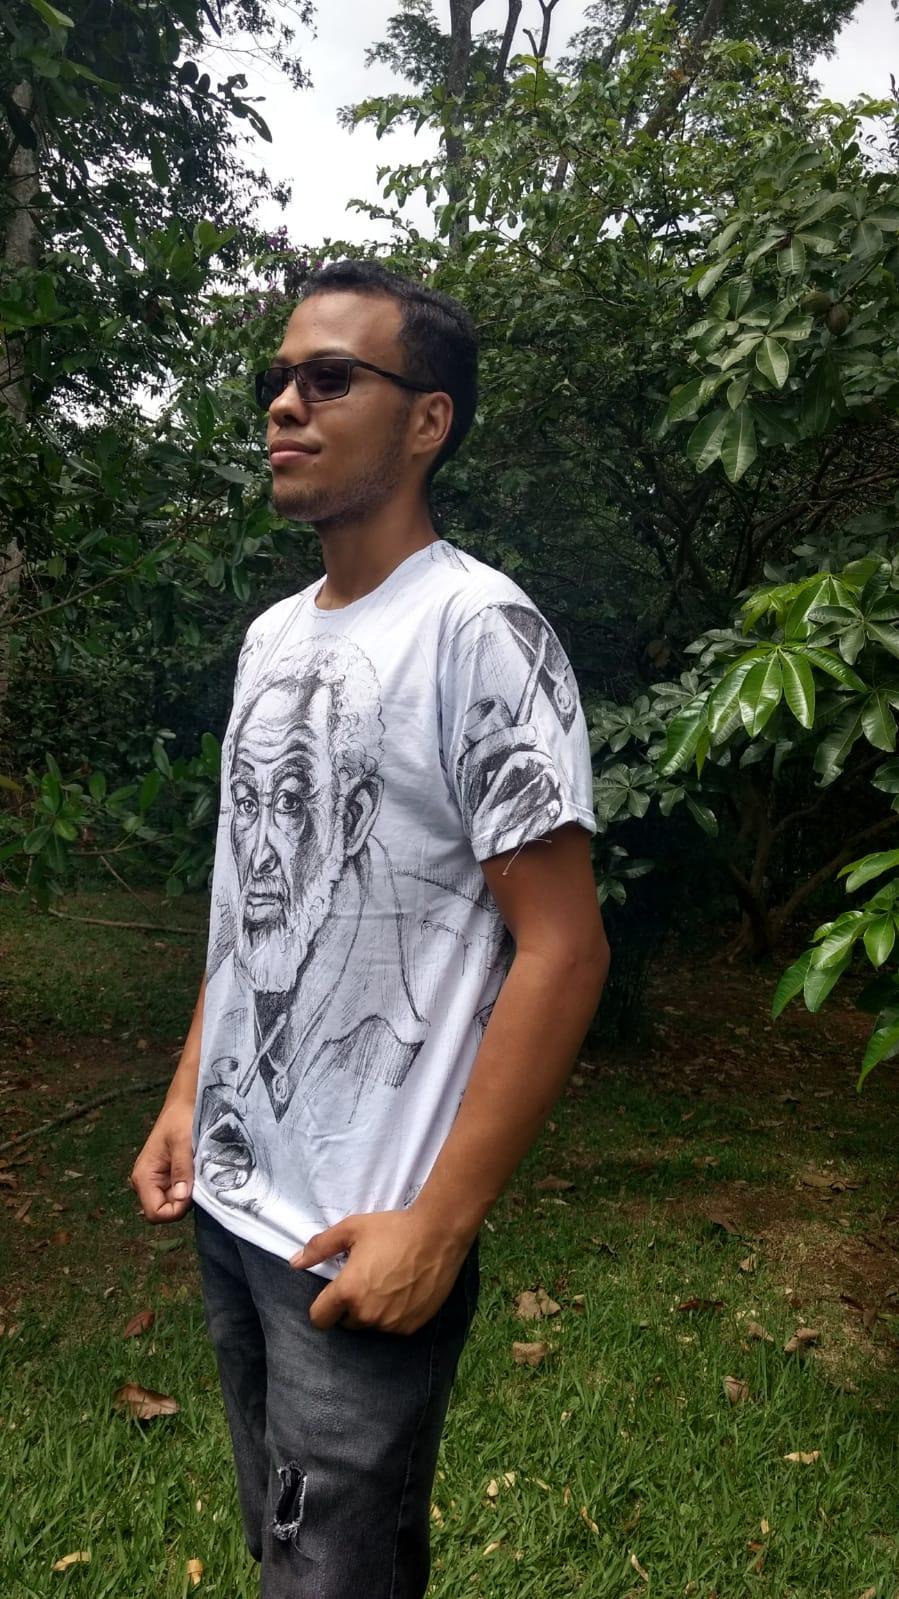 Camiseta Orixas Preto Veio & São Jorge M